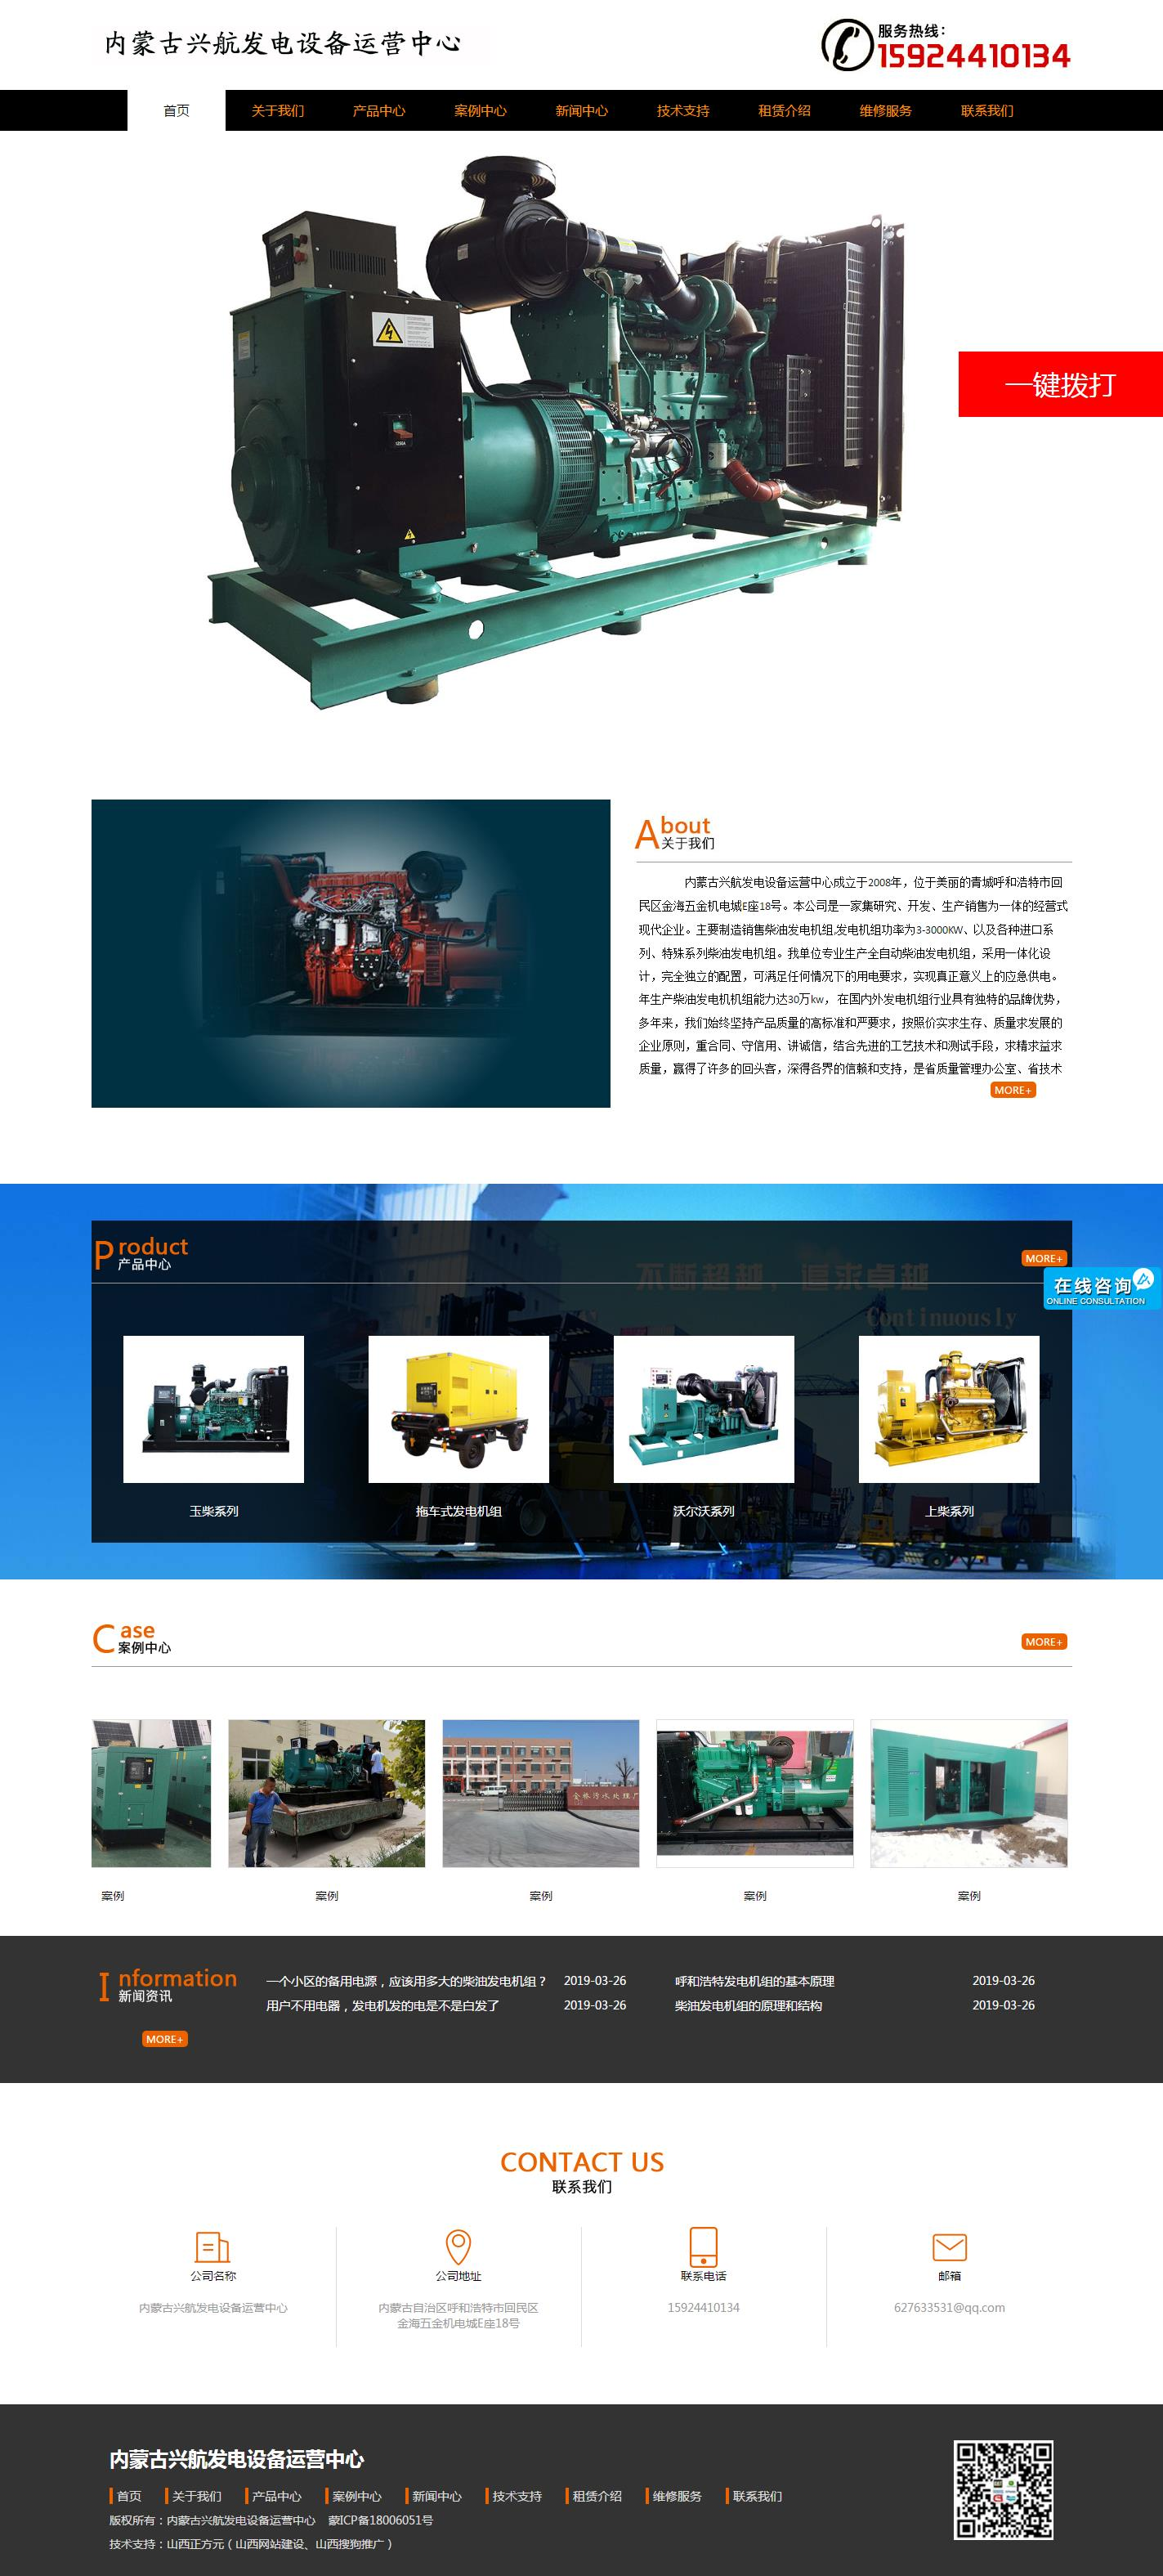 易胜博ysb248网址-内蒙古兴航发电设备运营中心